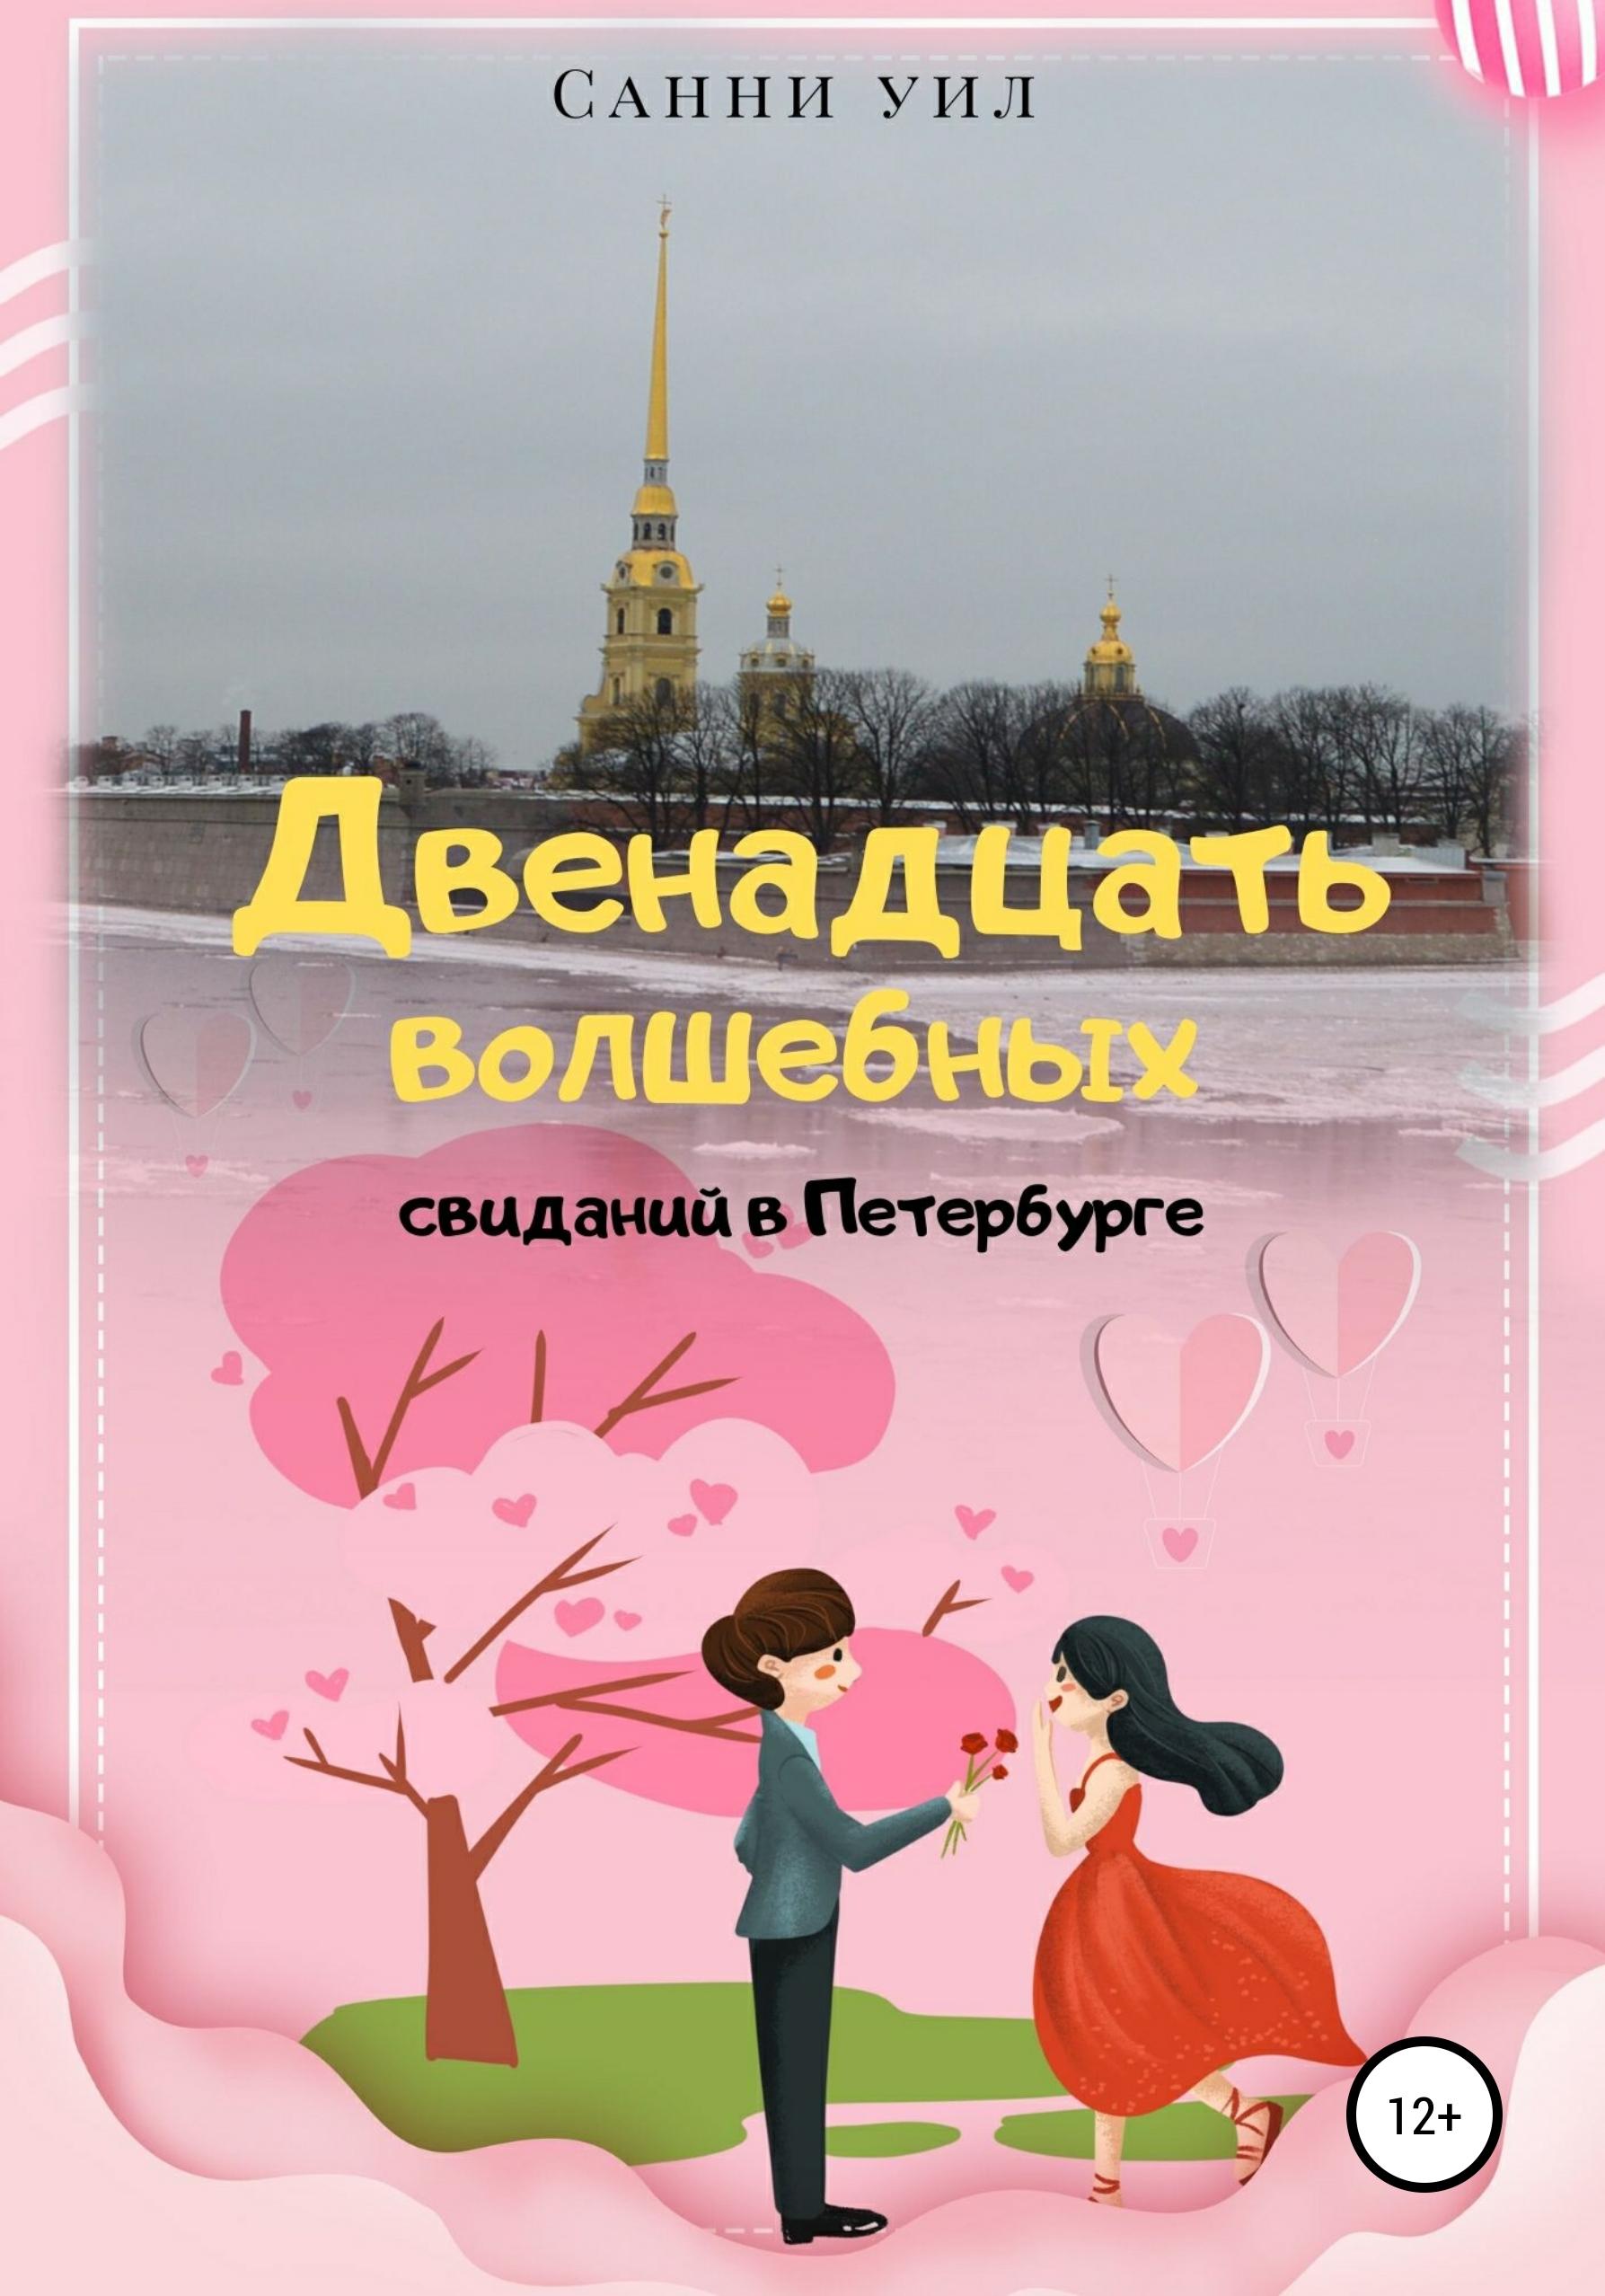 Двенадцать волшебных свиданий в Петербурге